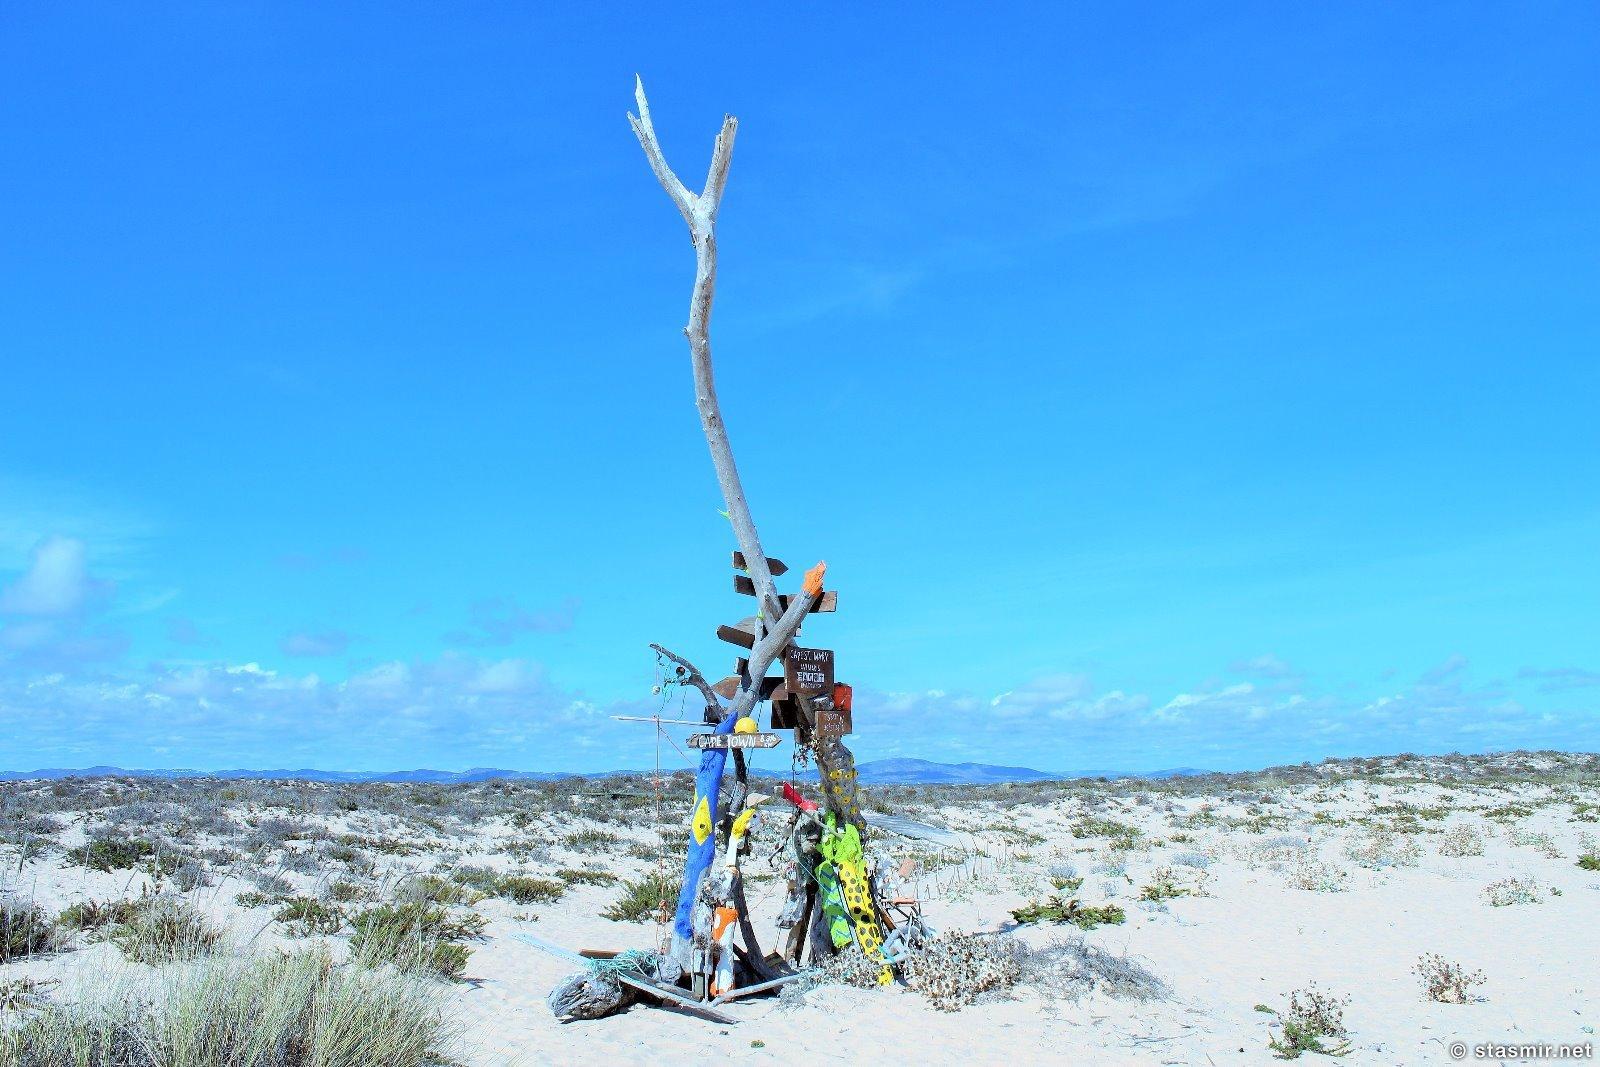 многокилометровые пляжи Ria Formosa или Риа-Формоза похожи только на Мозамбик, Ilha Deserta, Необиатемый остров в Алгарве, Algarve, пляж в Алгарве, фото Стасмир, Photo Stasmir